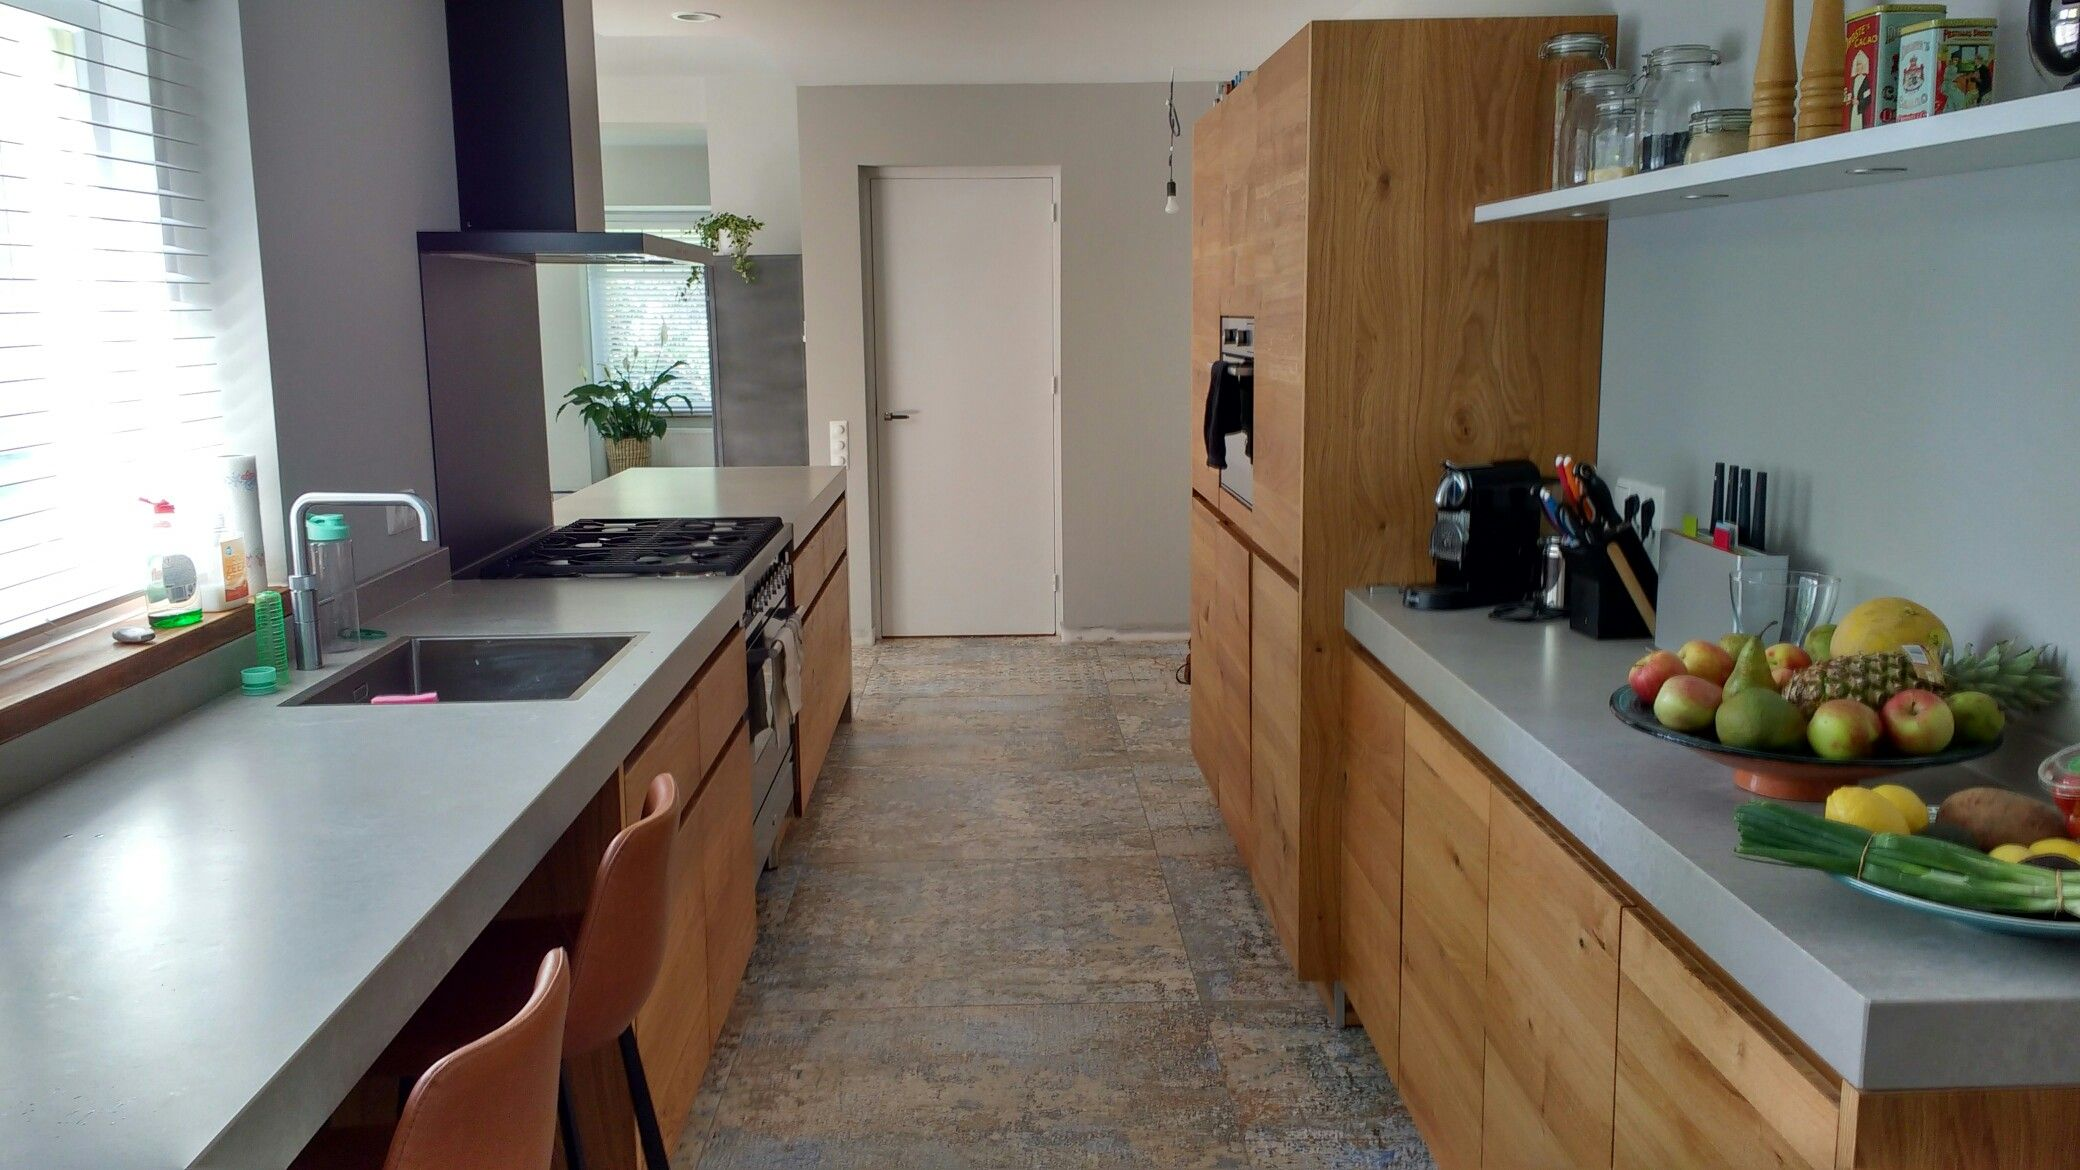 Massief eiken bax keuken met boretti fornuis en beton look werkblad